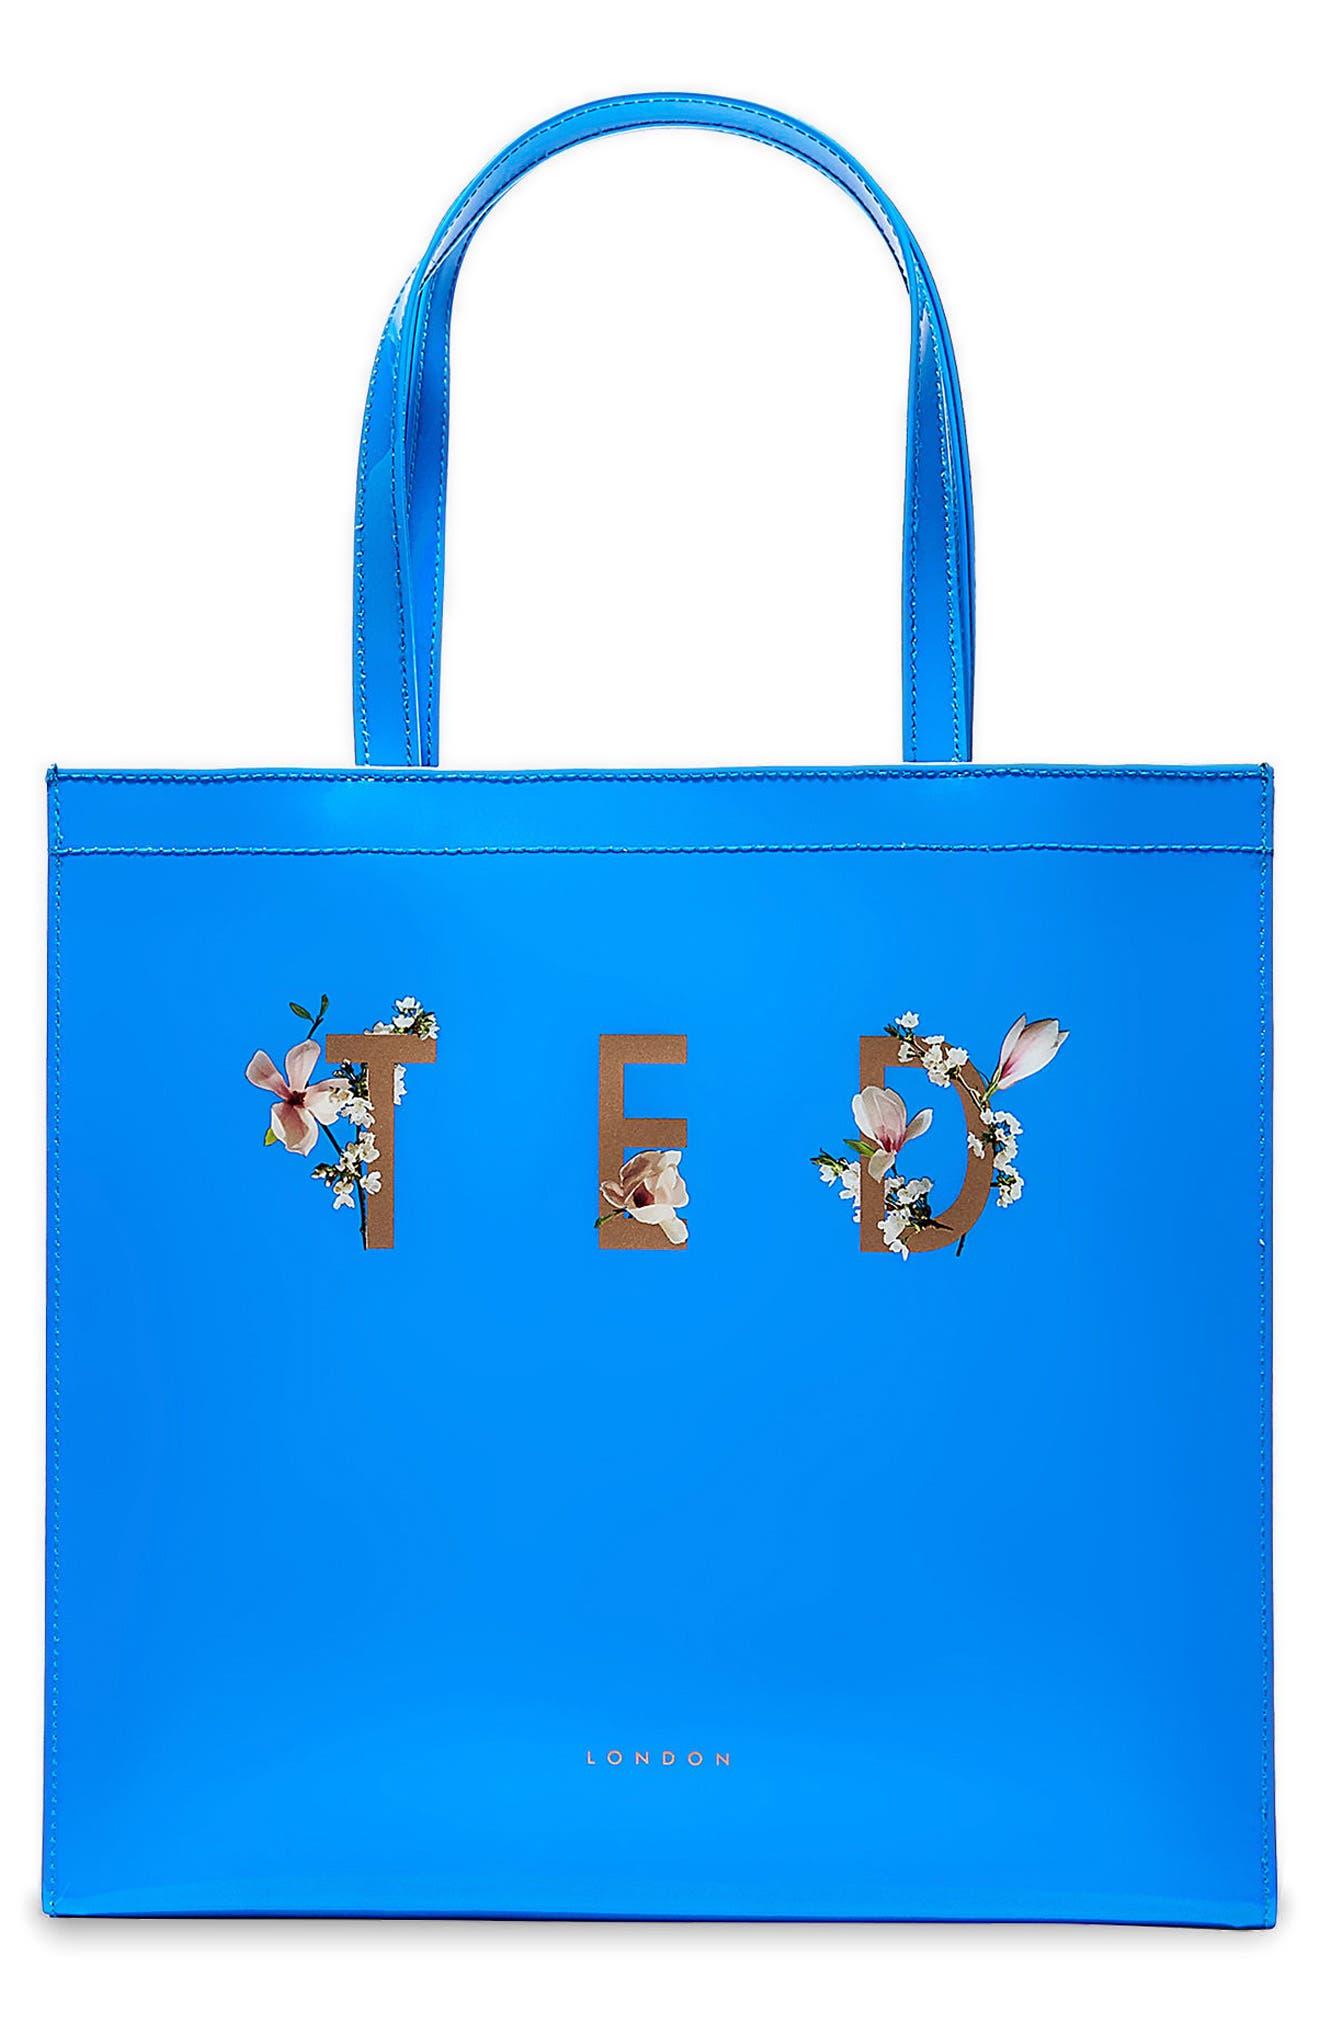 Theacon Large Icon Tote,                         Main,                         color, Bright Blue